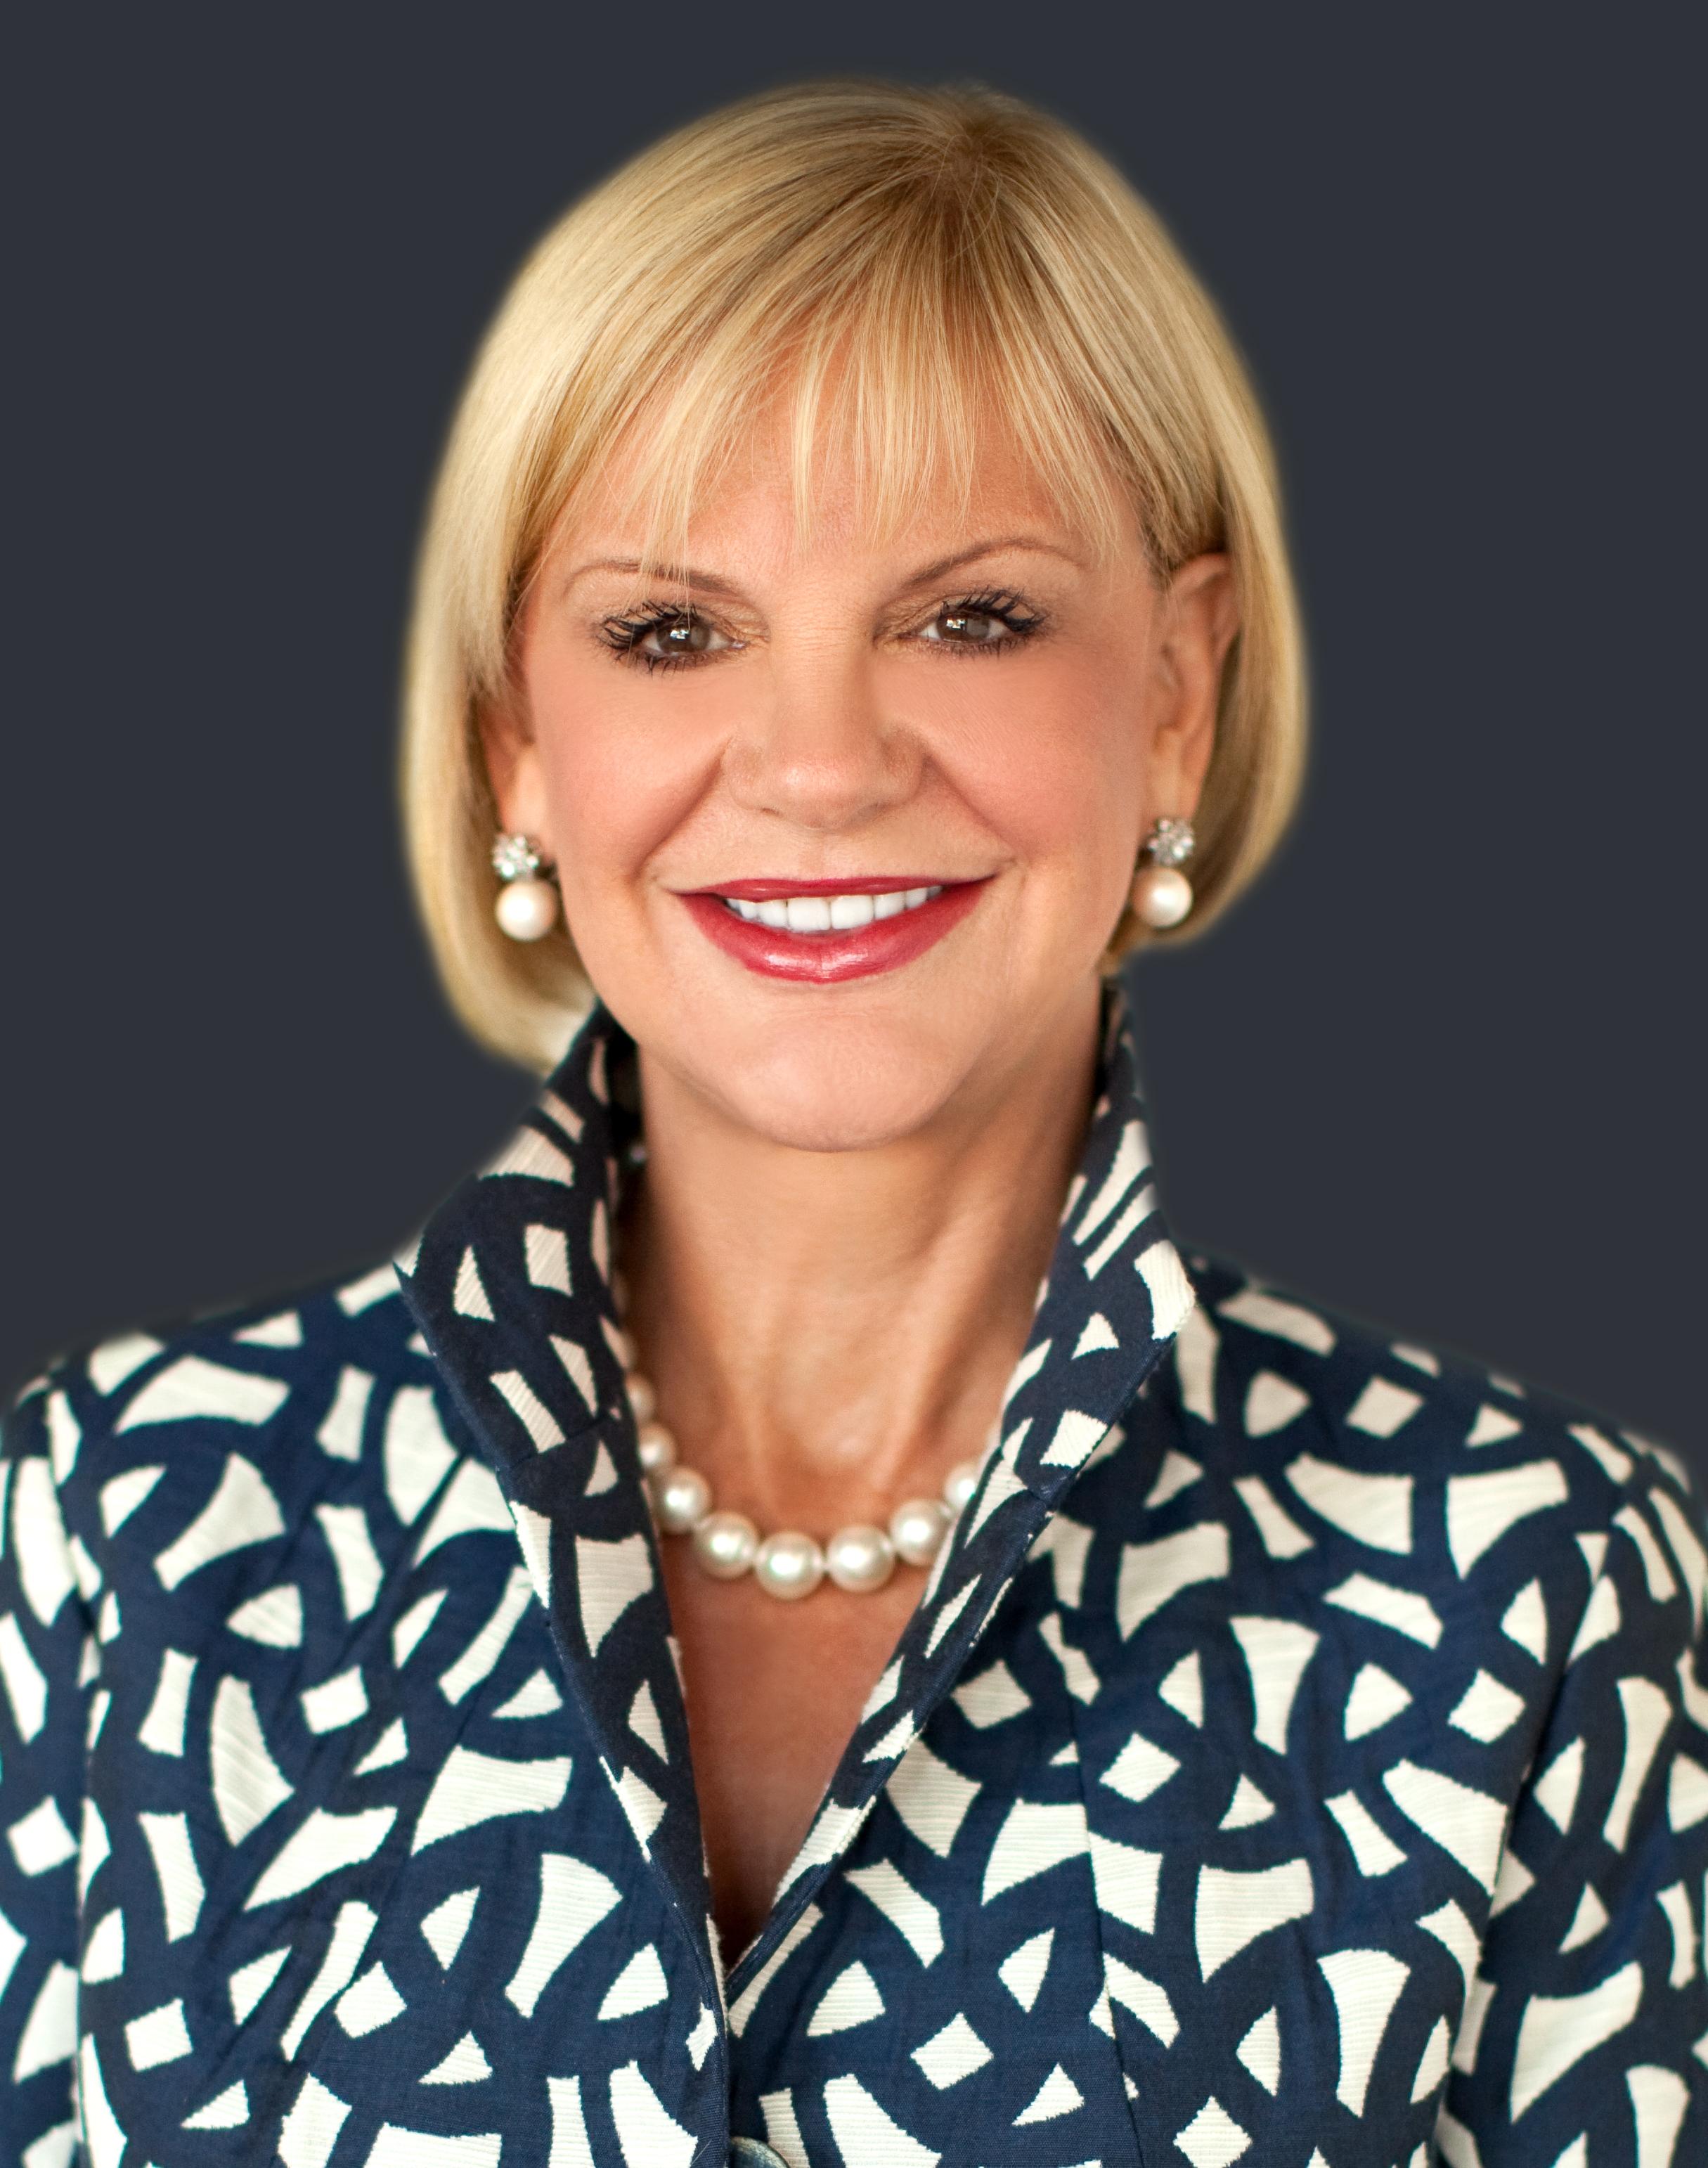 Deborah Bateman Headshot